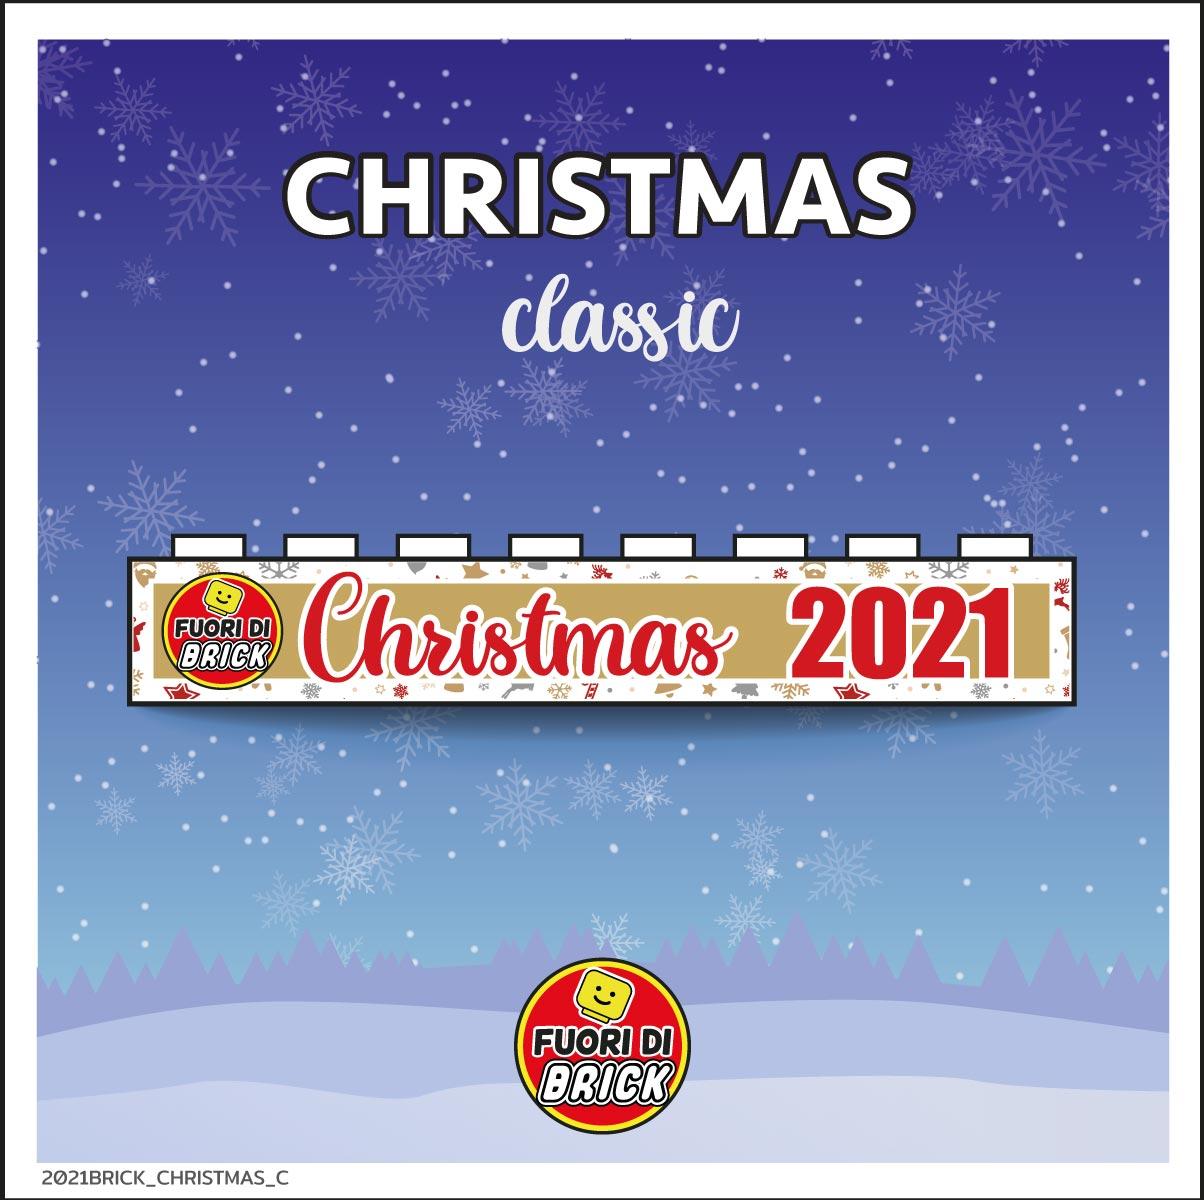 2021BRICK_CHRISTMAS_C